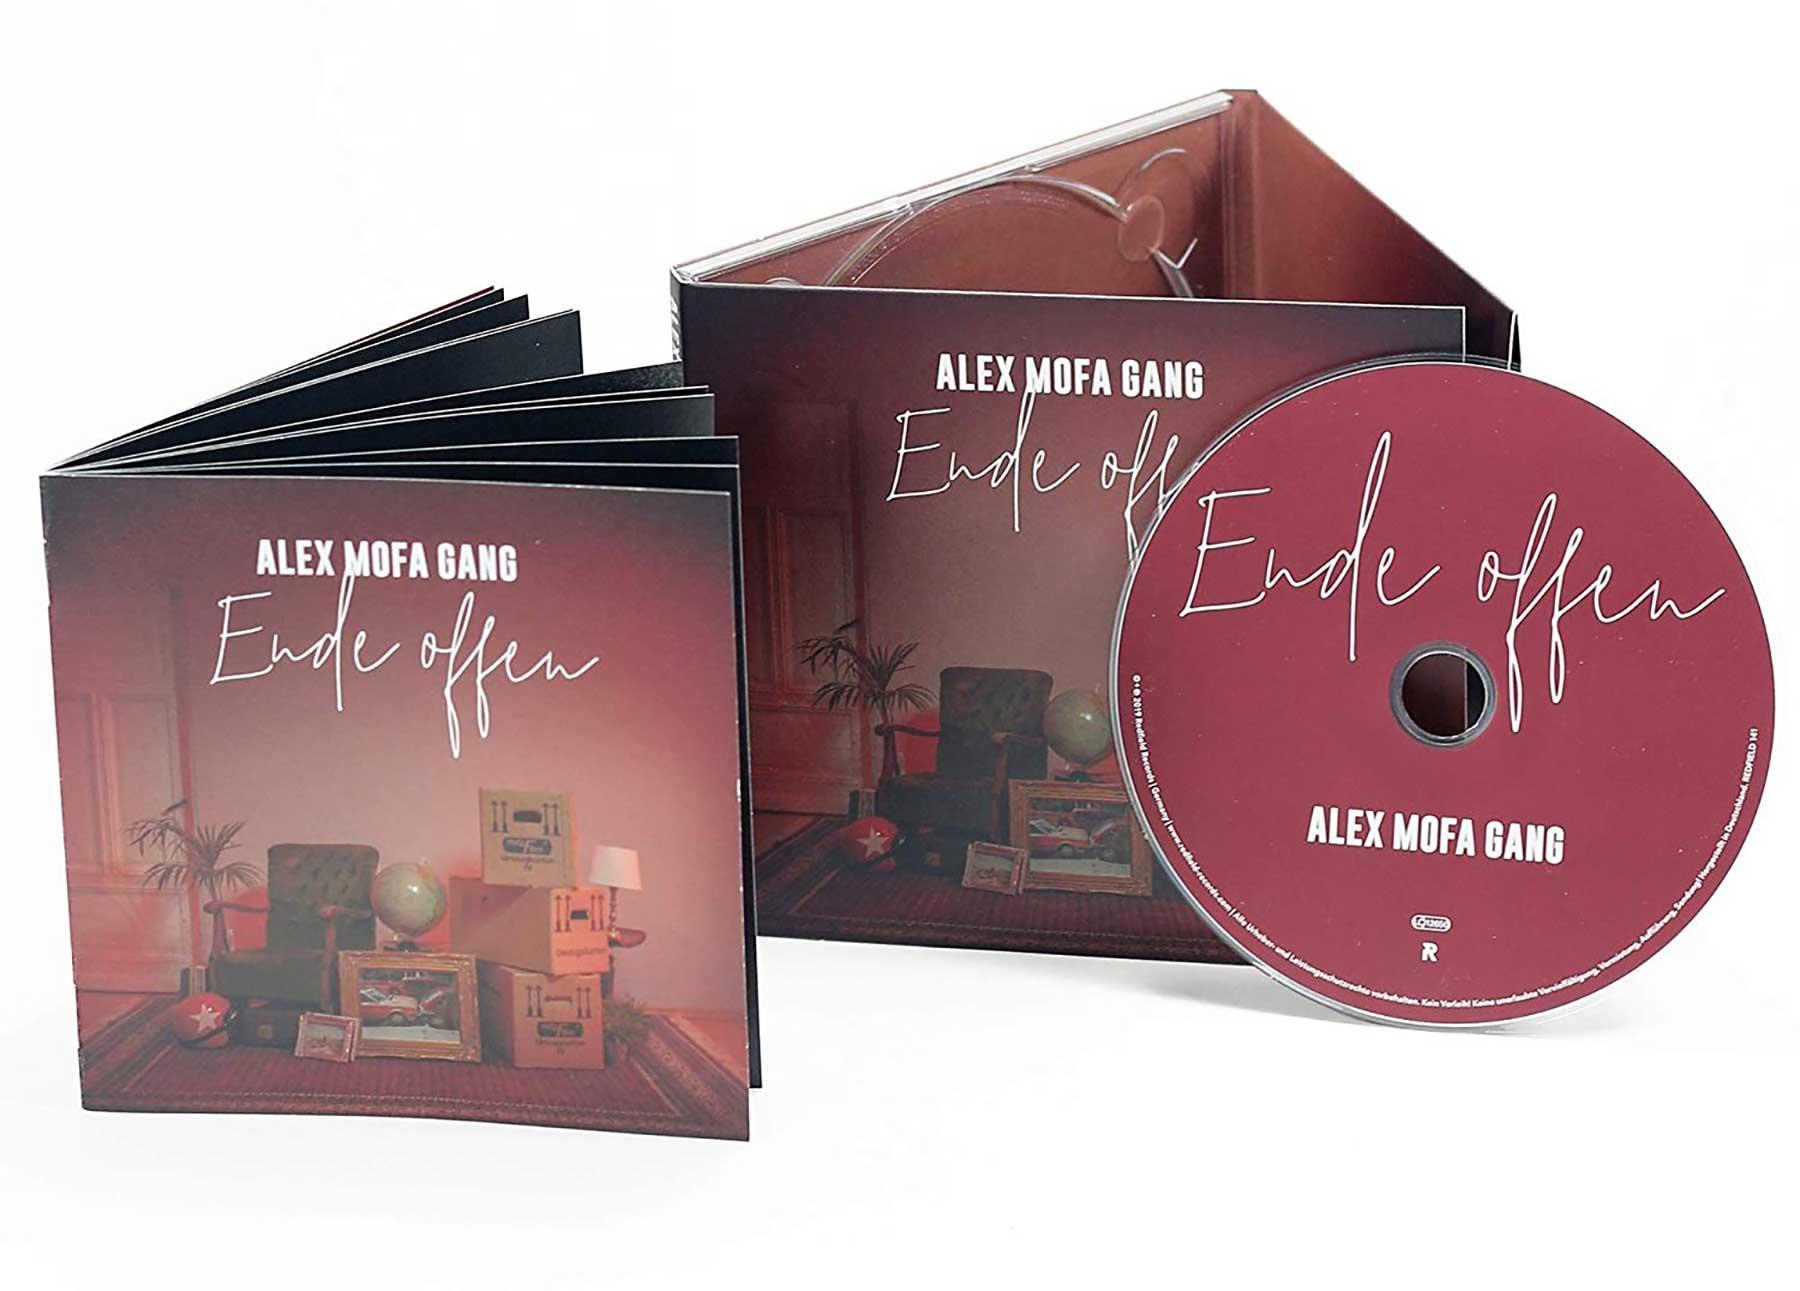 Gewinnt ein Original-Snarefell der Alex Mofa Gang alex-mofa-gang-ende-offen-cd